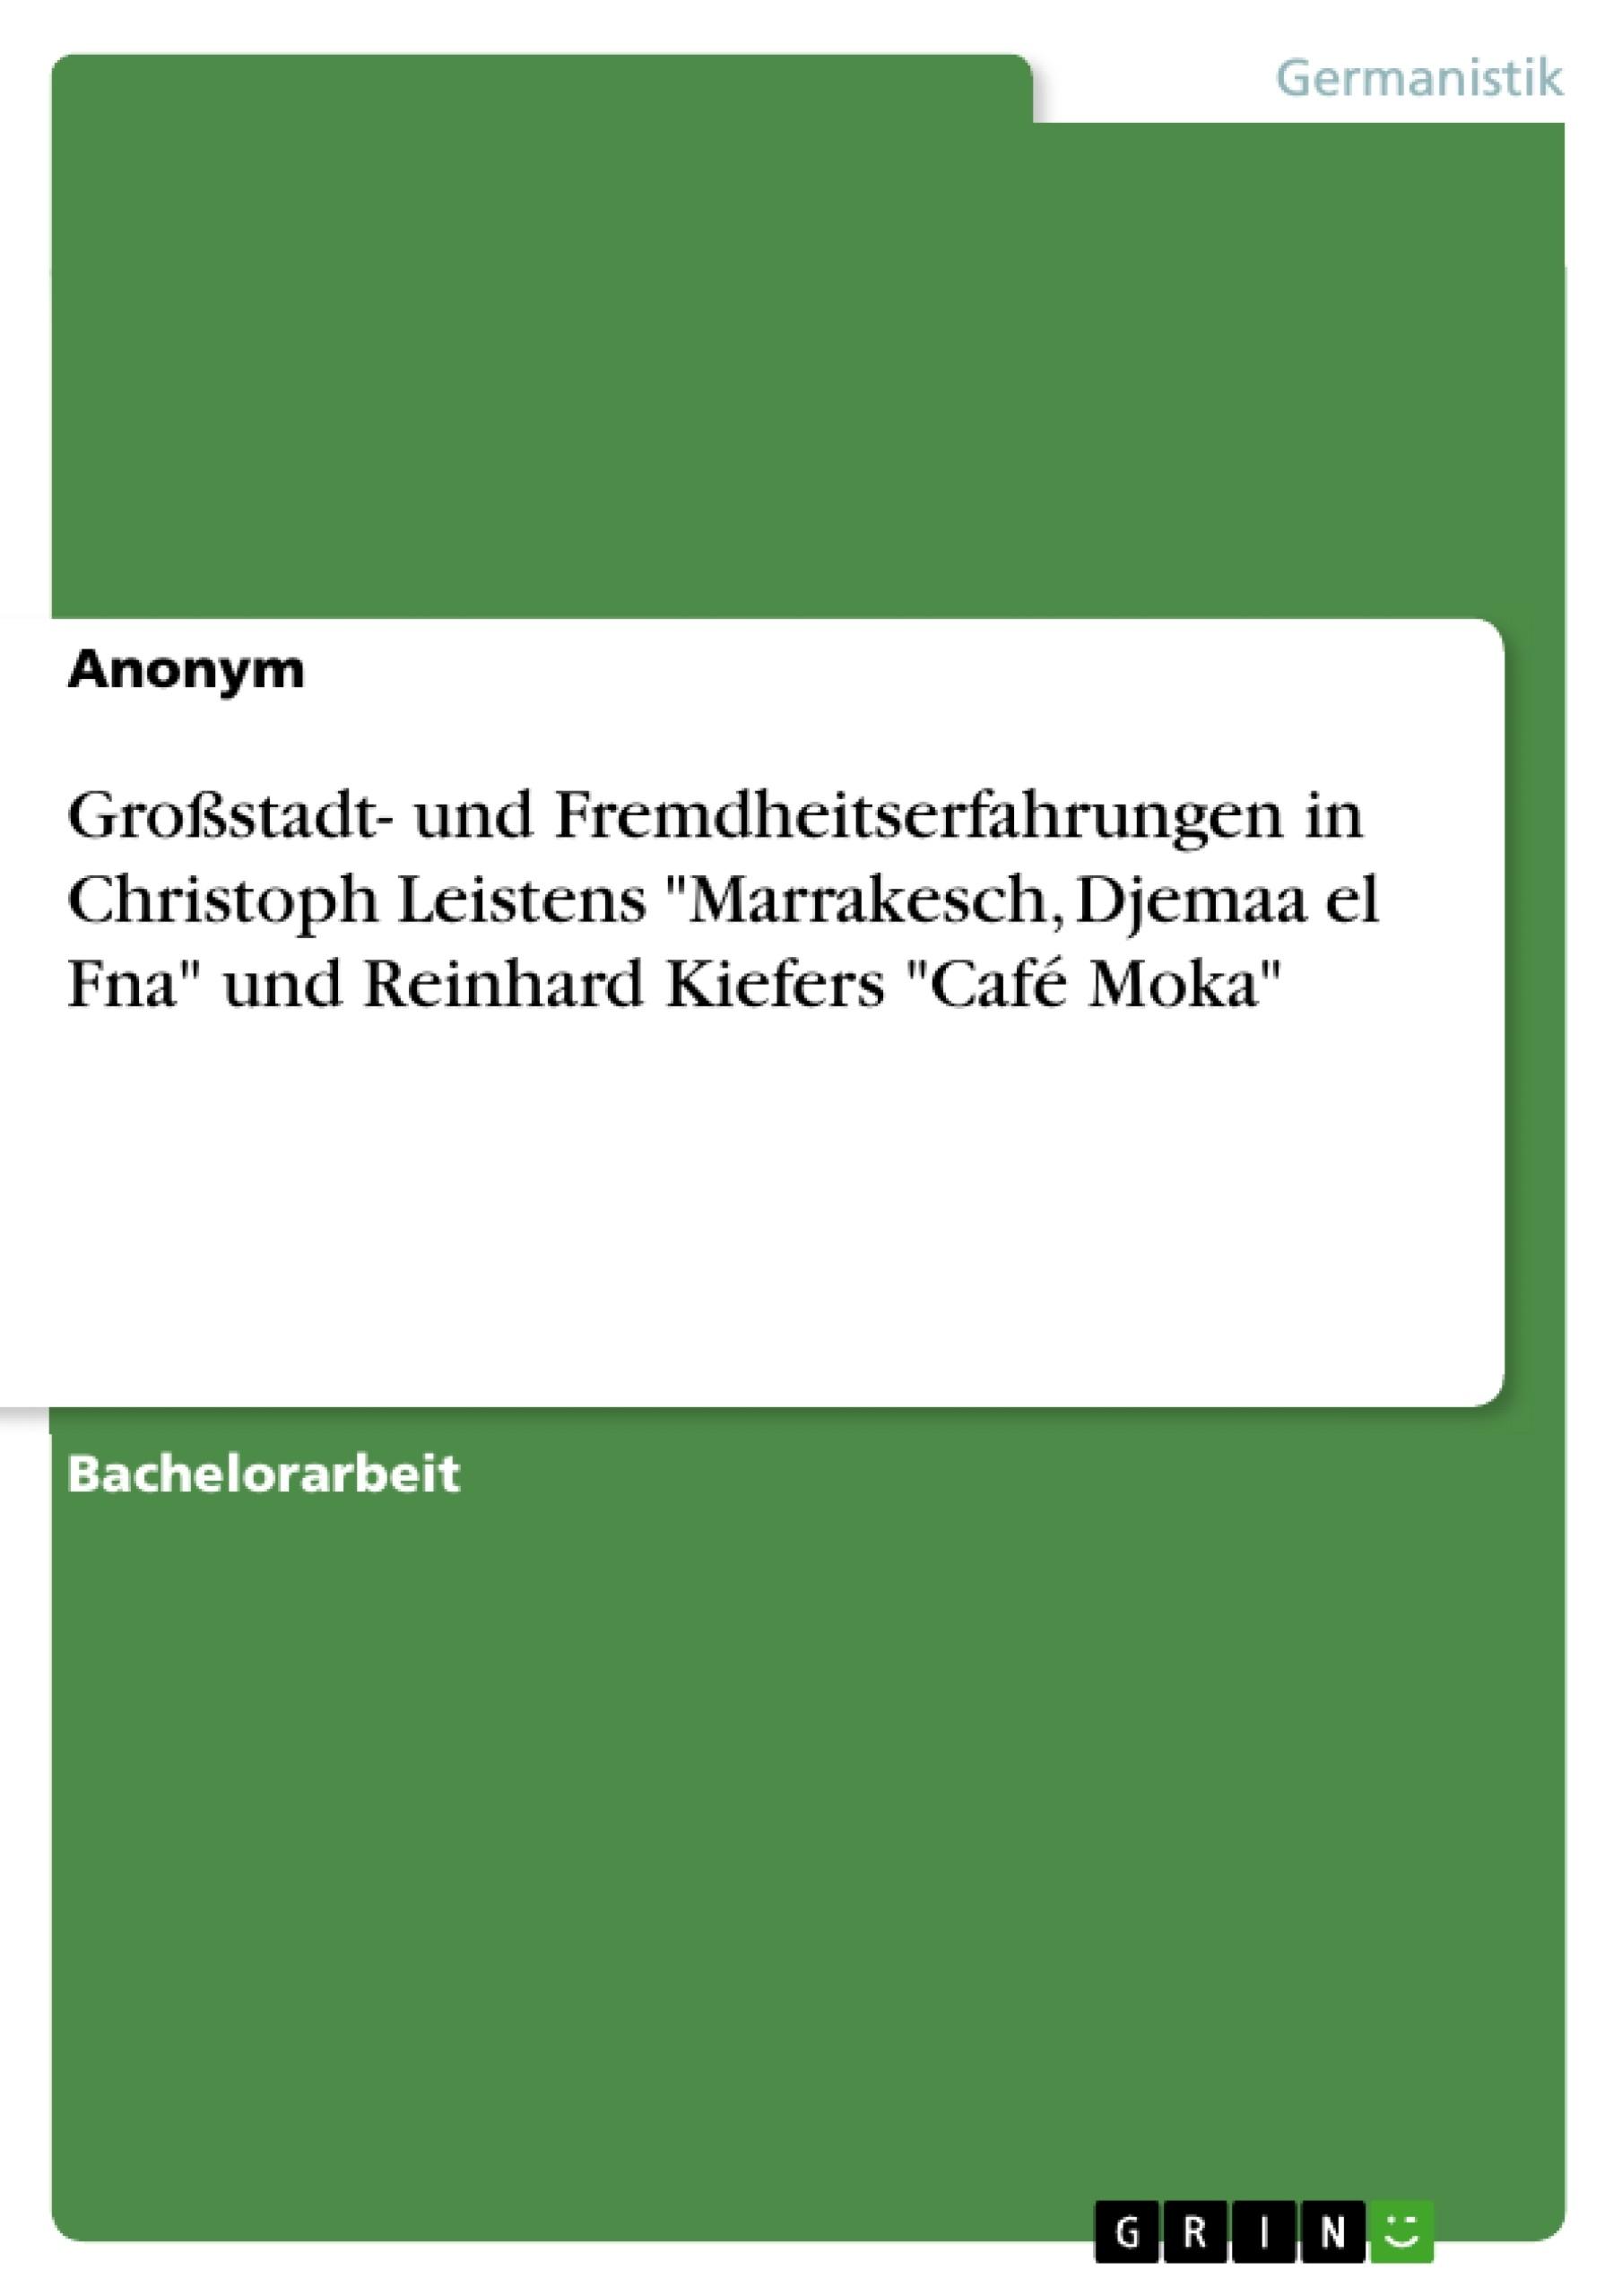 """Titel: Großstadt- und Fremdheitserfahrungen in Christoph Leistens """"Marrakesch, Djemaa el Fna"""" und Reinhard Kiefers """"Café Moka"""""""